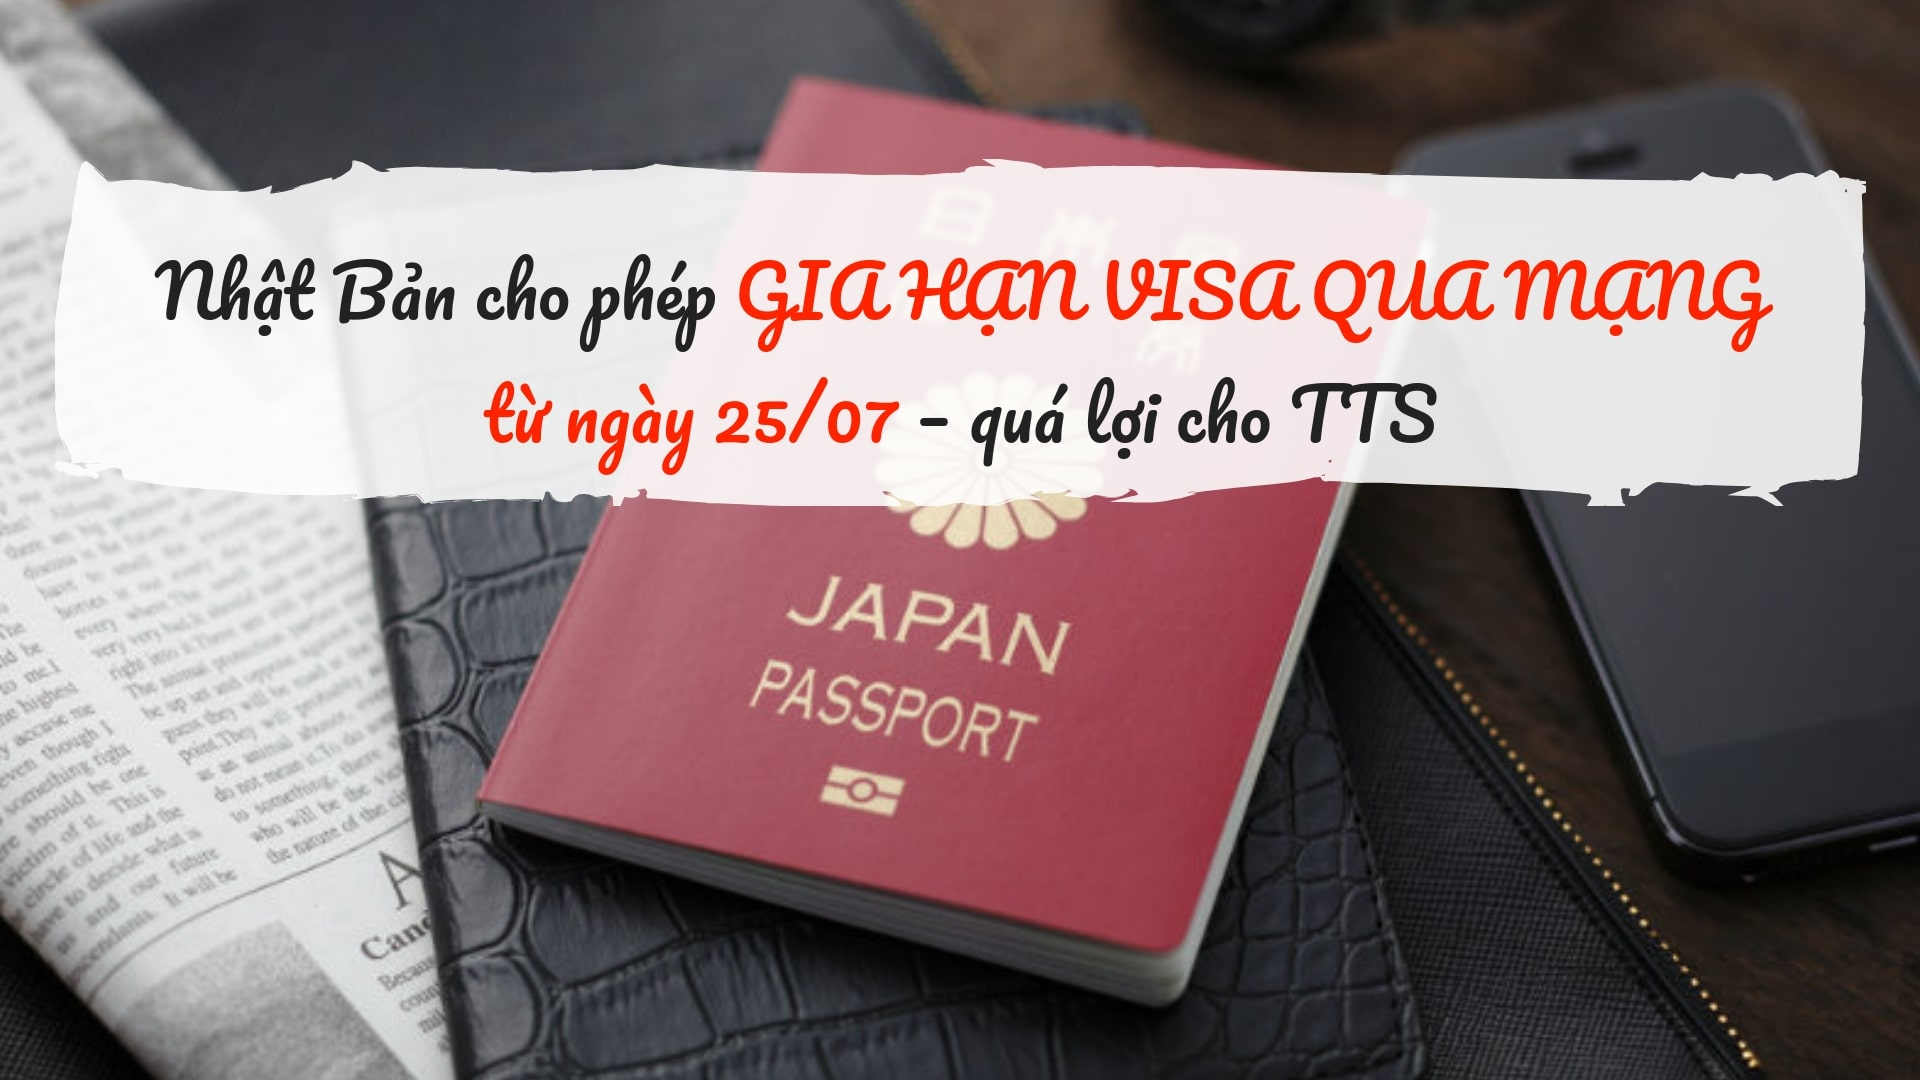 Nhật Bản cho phép GIA HẠN VISA QUA MẠNG từ ngày 25/07 – quá lợi cho TTS